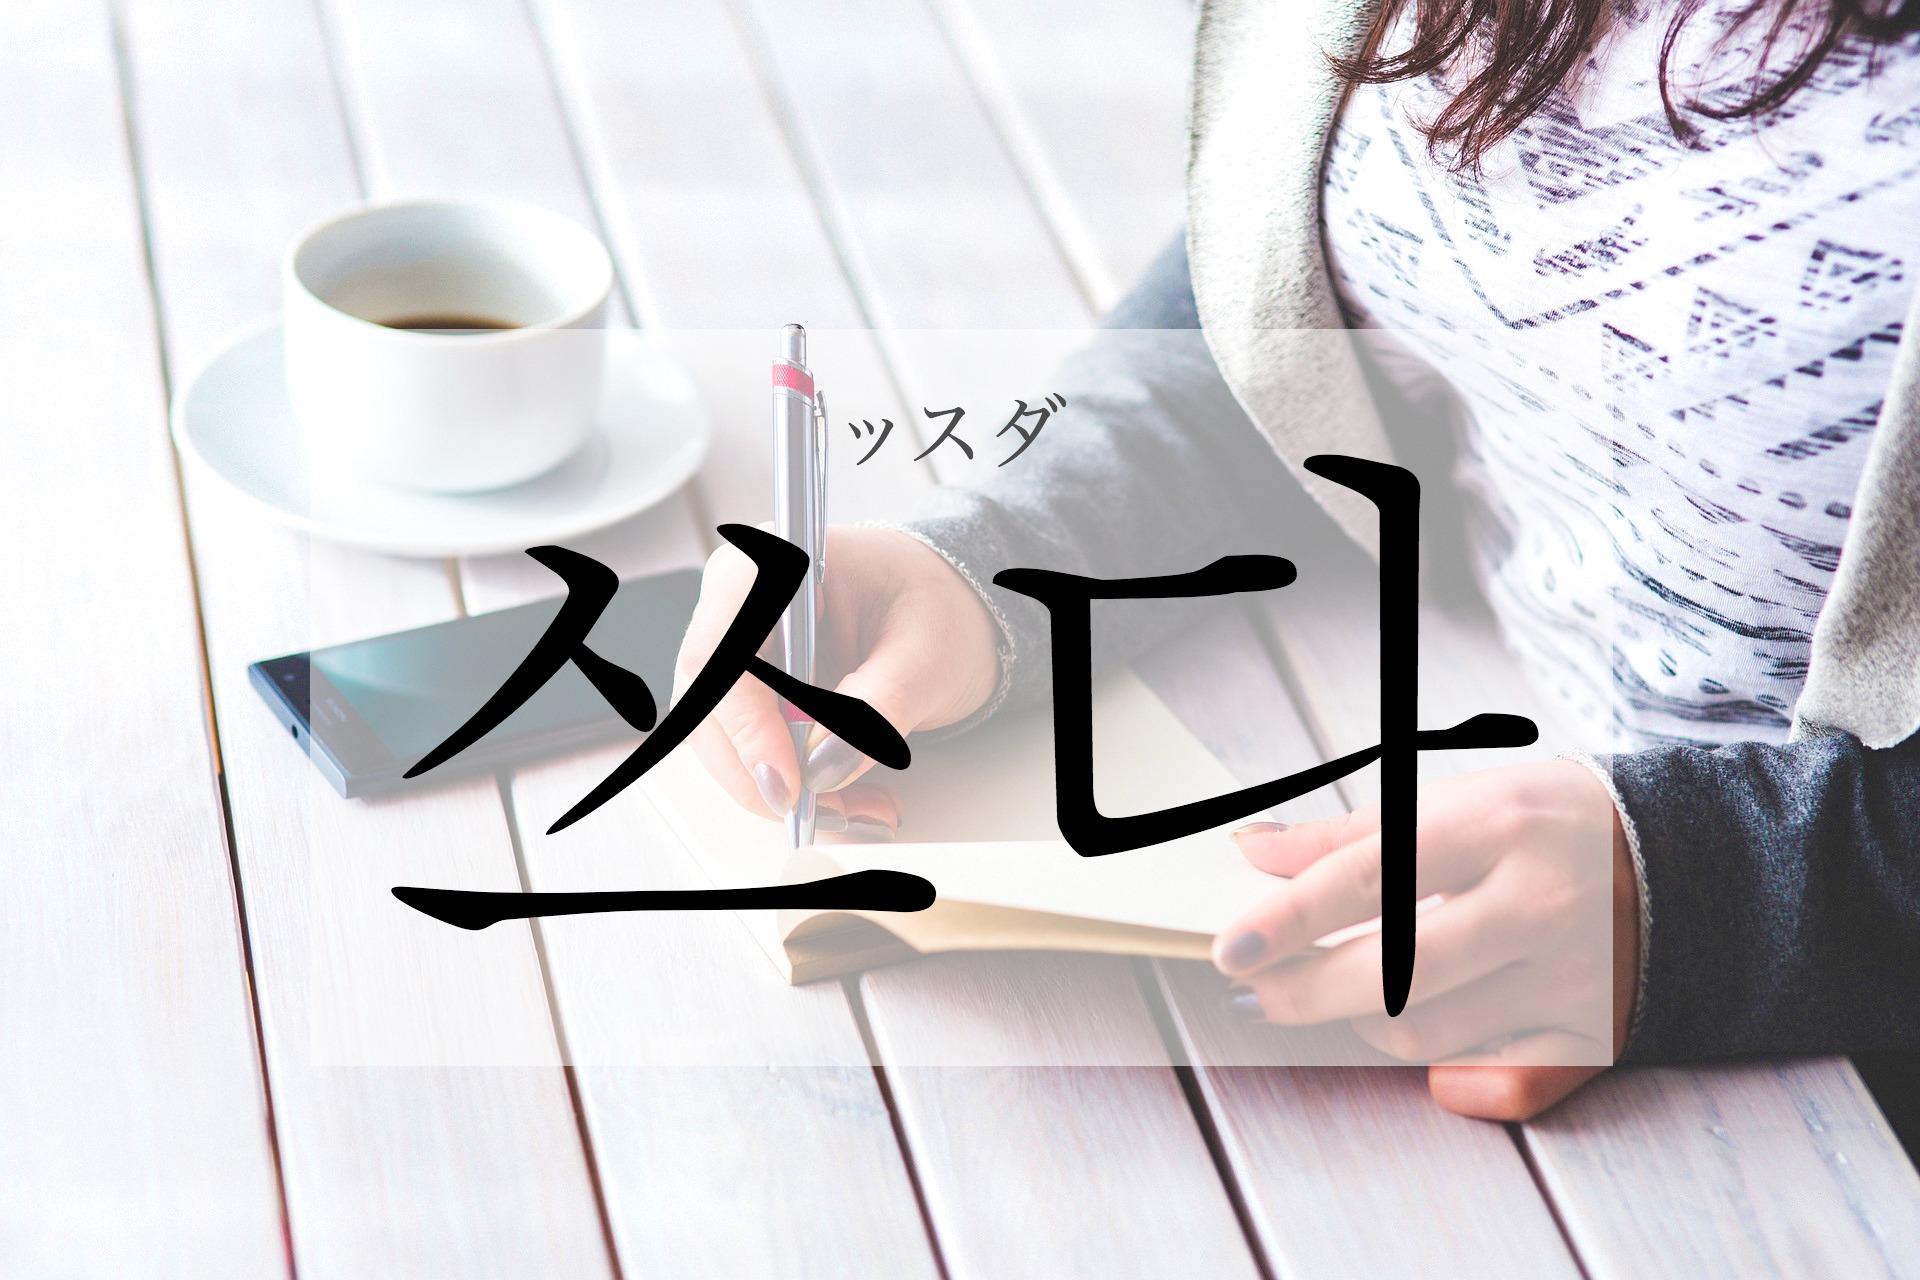 韓国語で「書く」の【쓰다(ッスダ)】をタメ語で覚えよう!